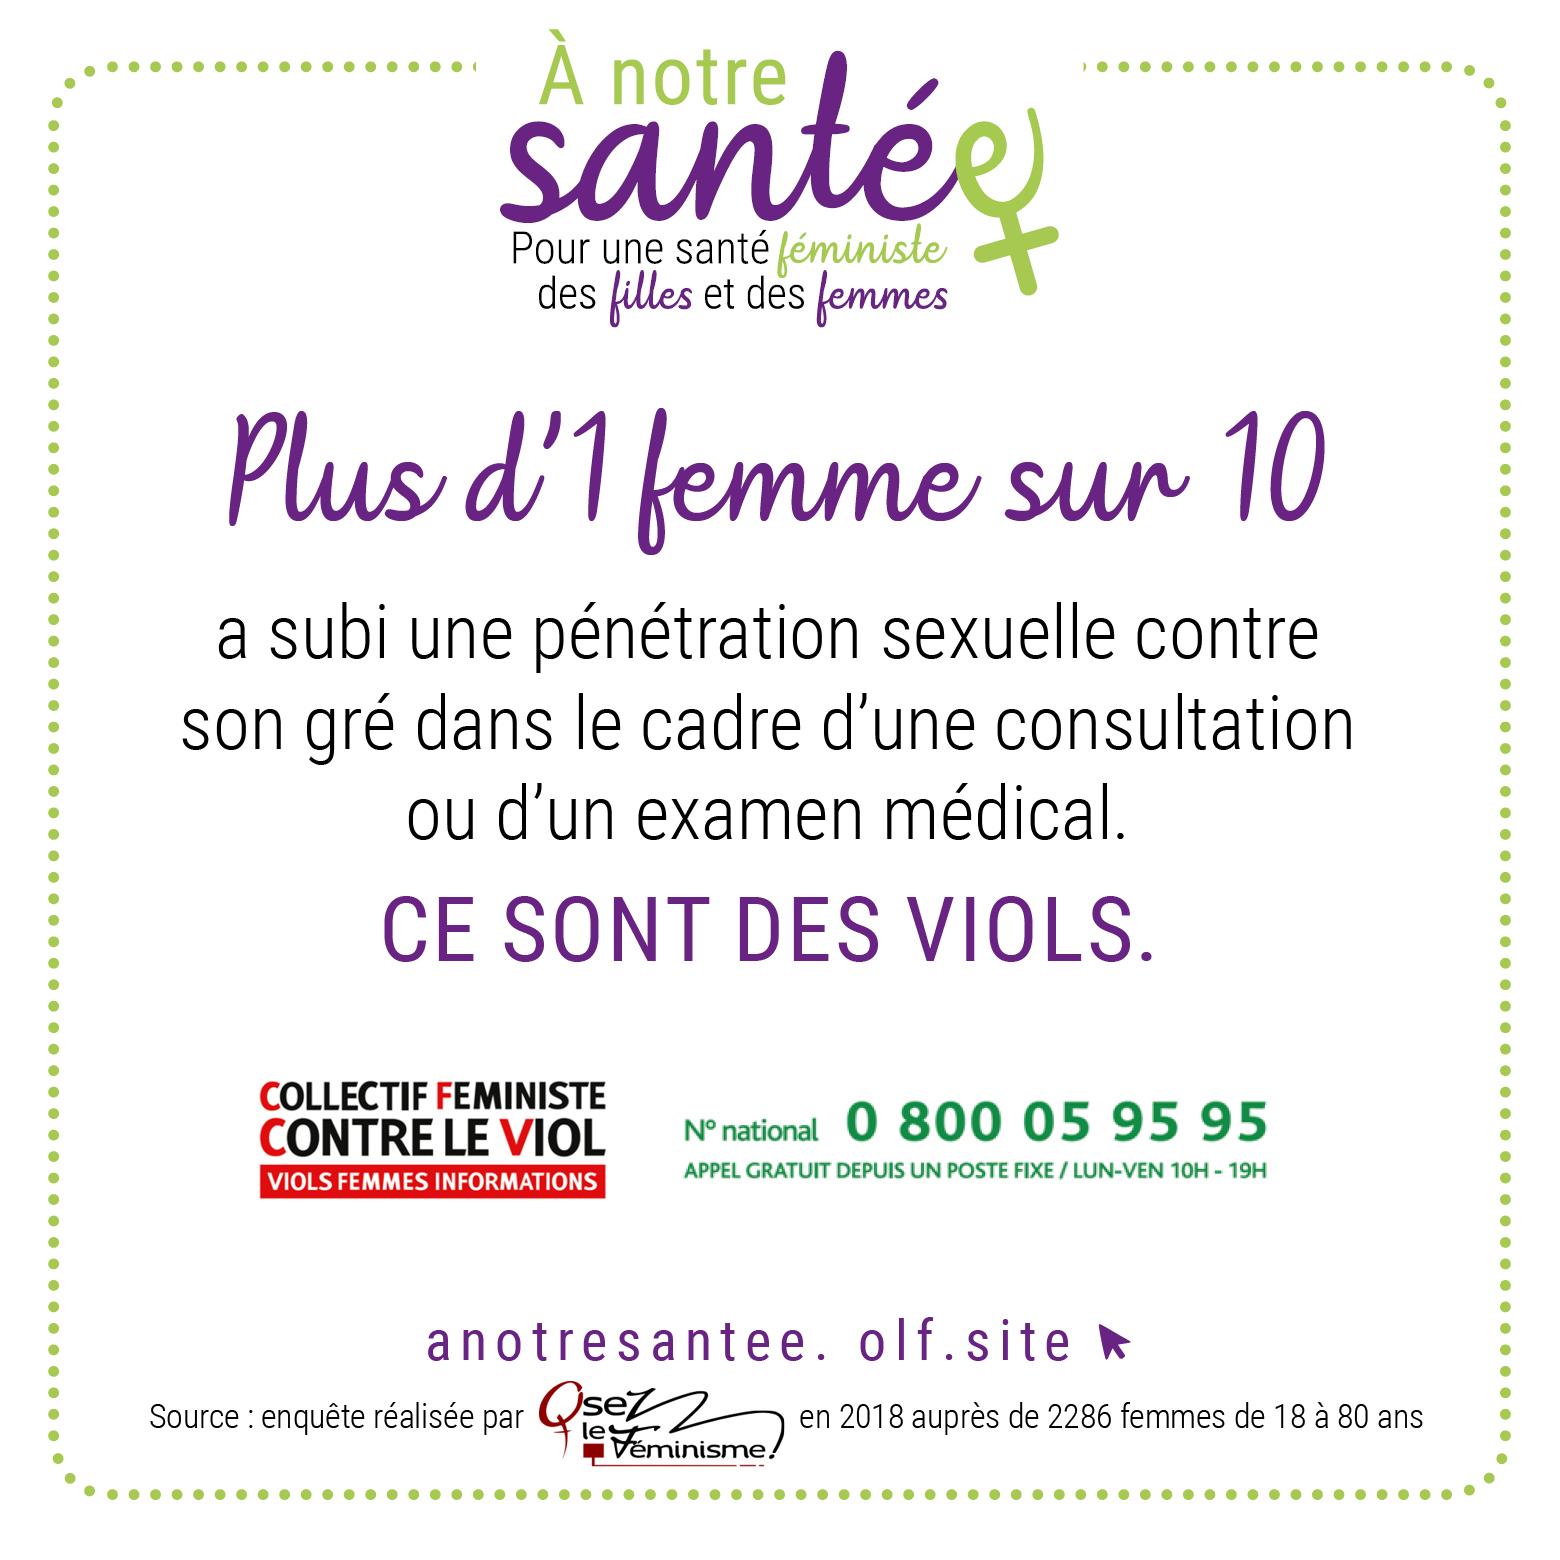 visuels-campagne-SanteedesFemmes-OLF-7